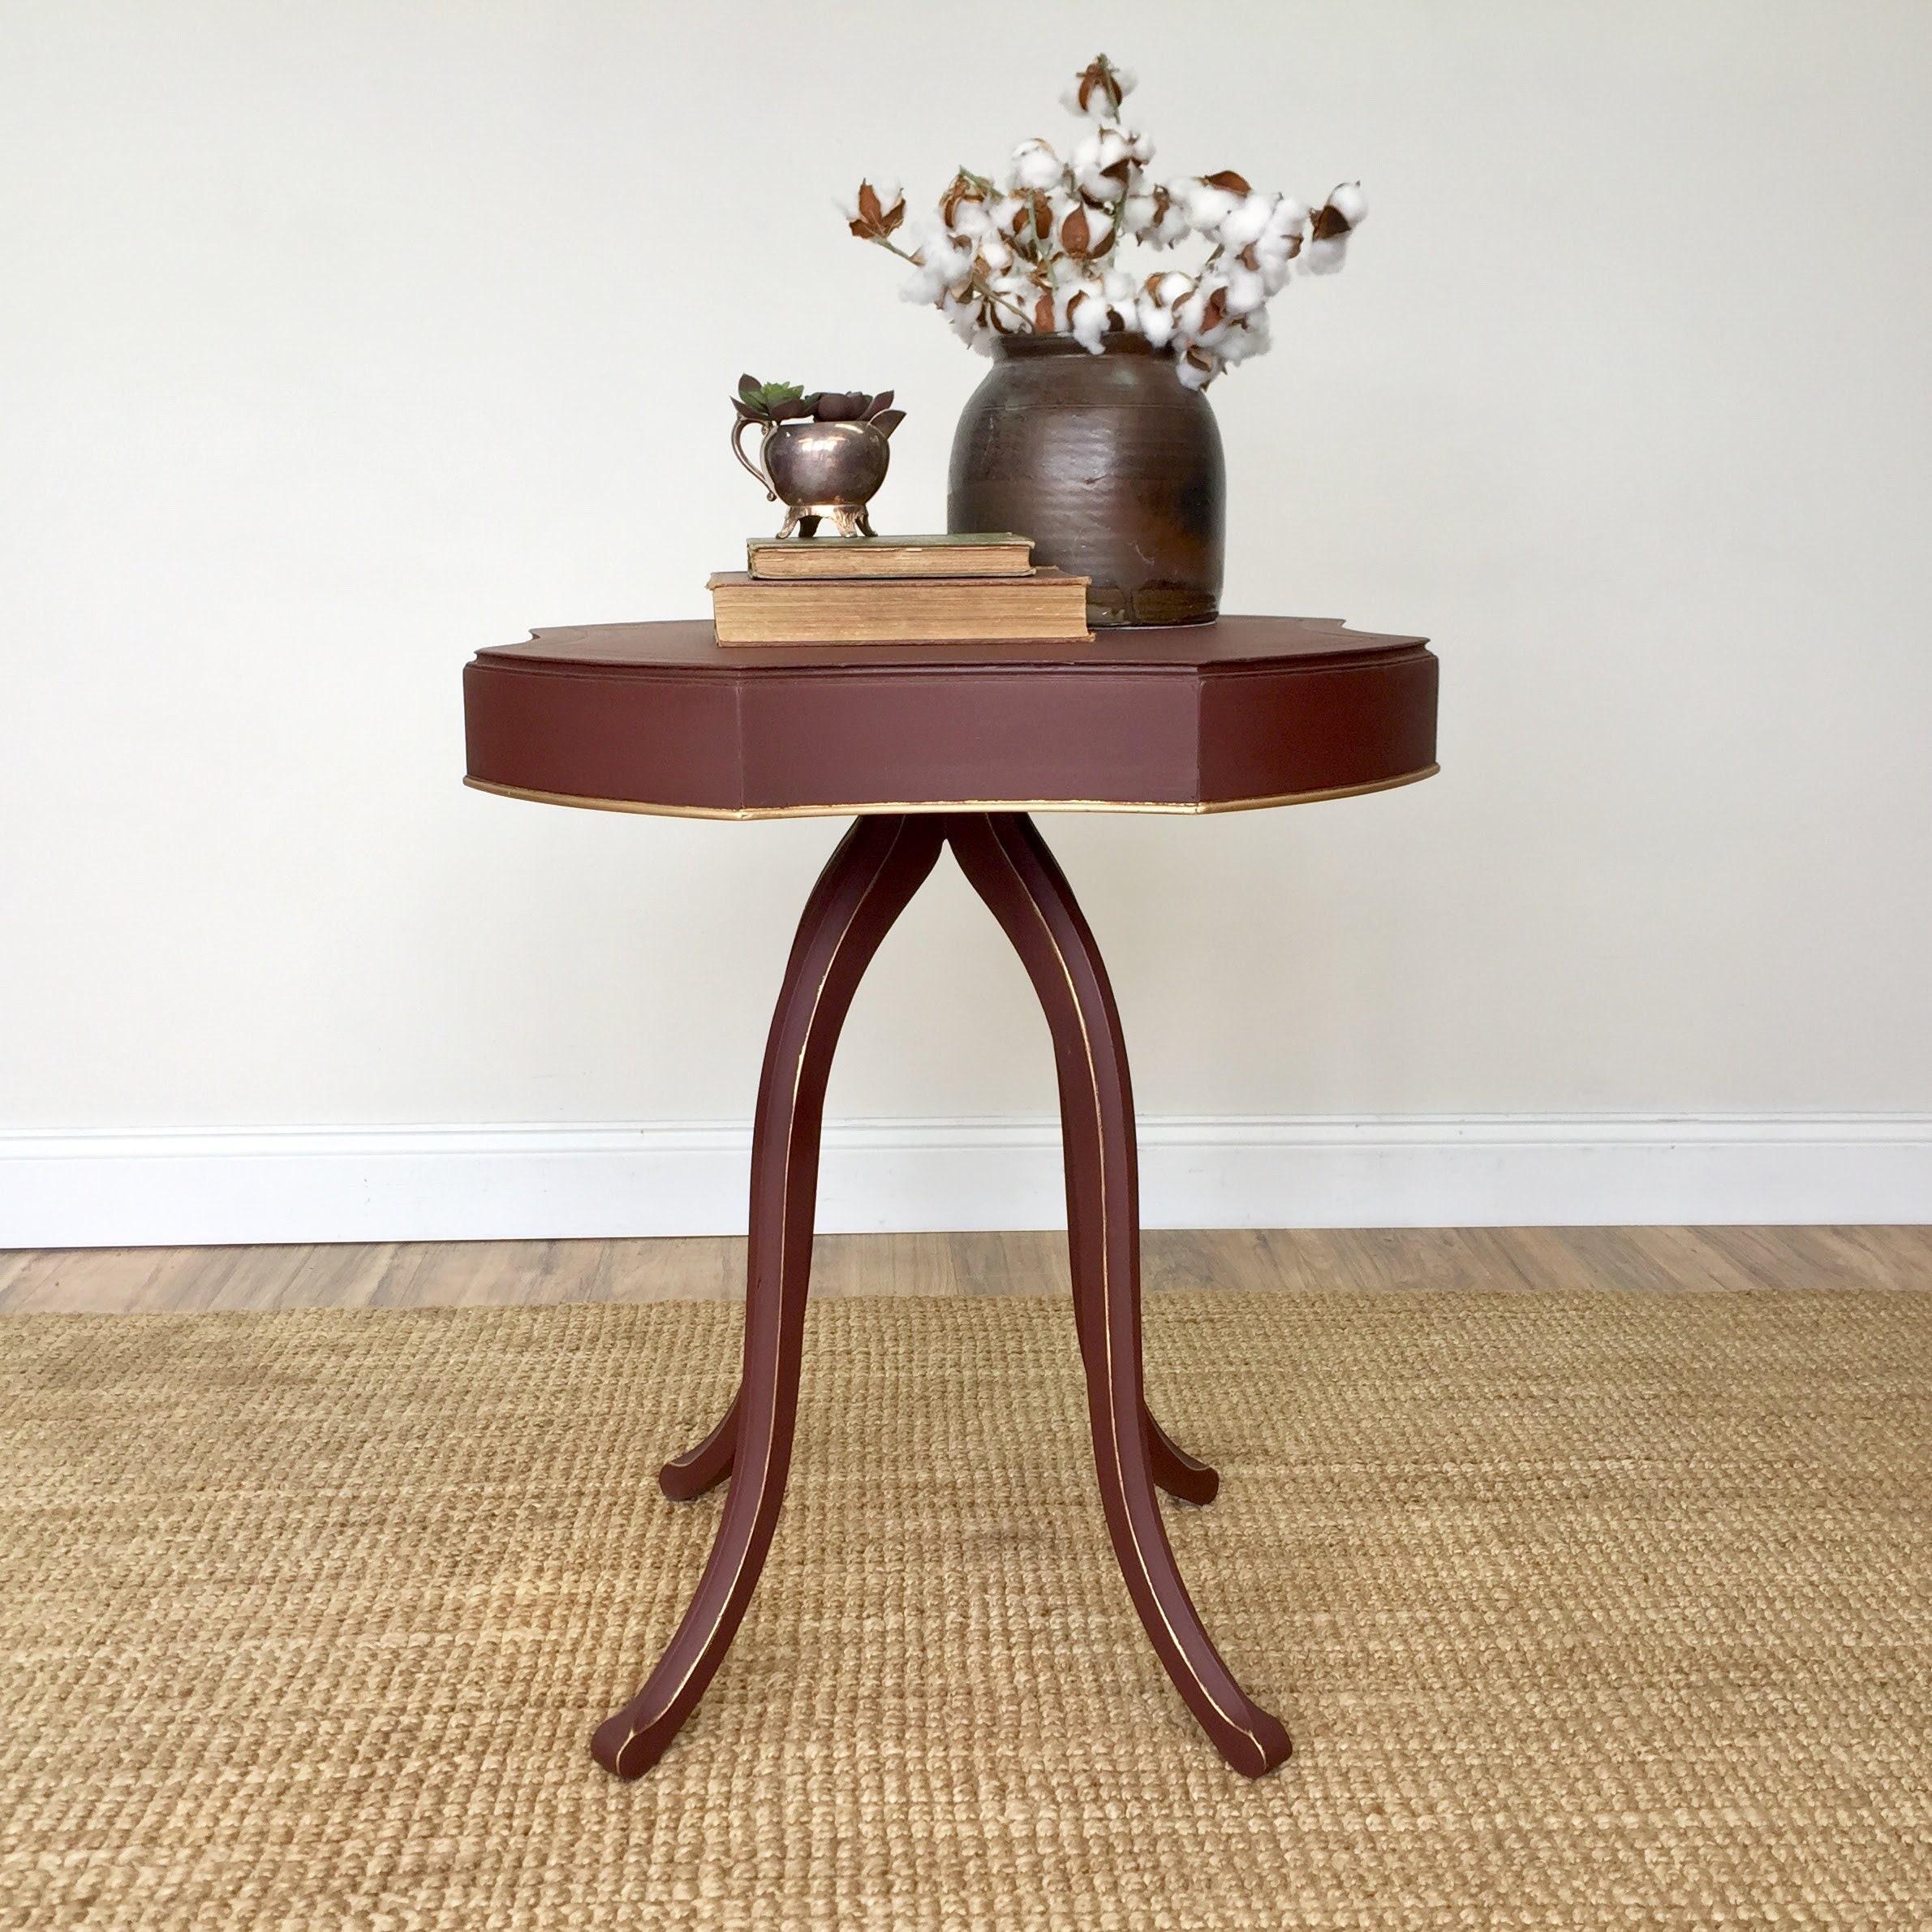 Unique Antique Furniture: Red Antique End Table Sofa Side Table Unique Furniture